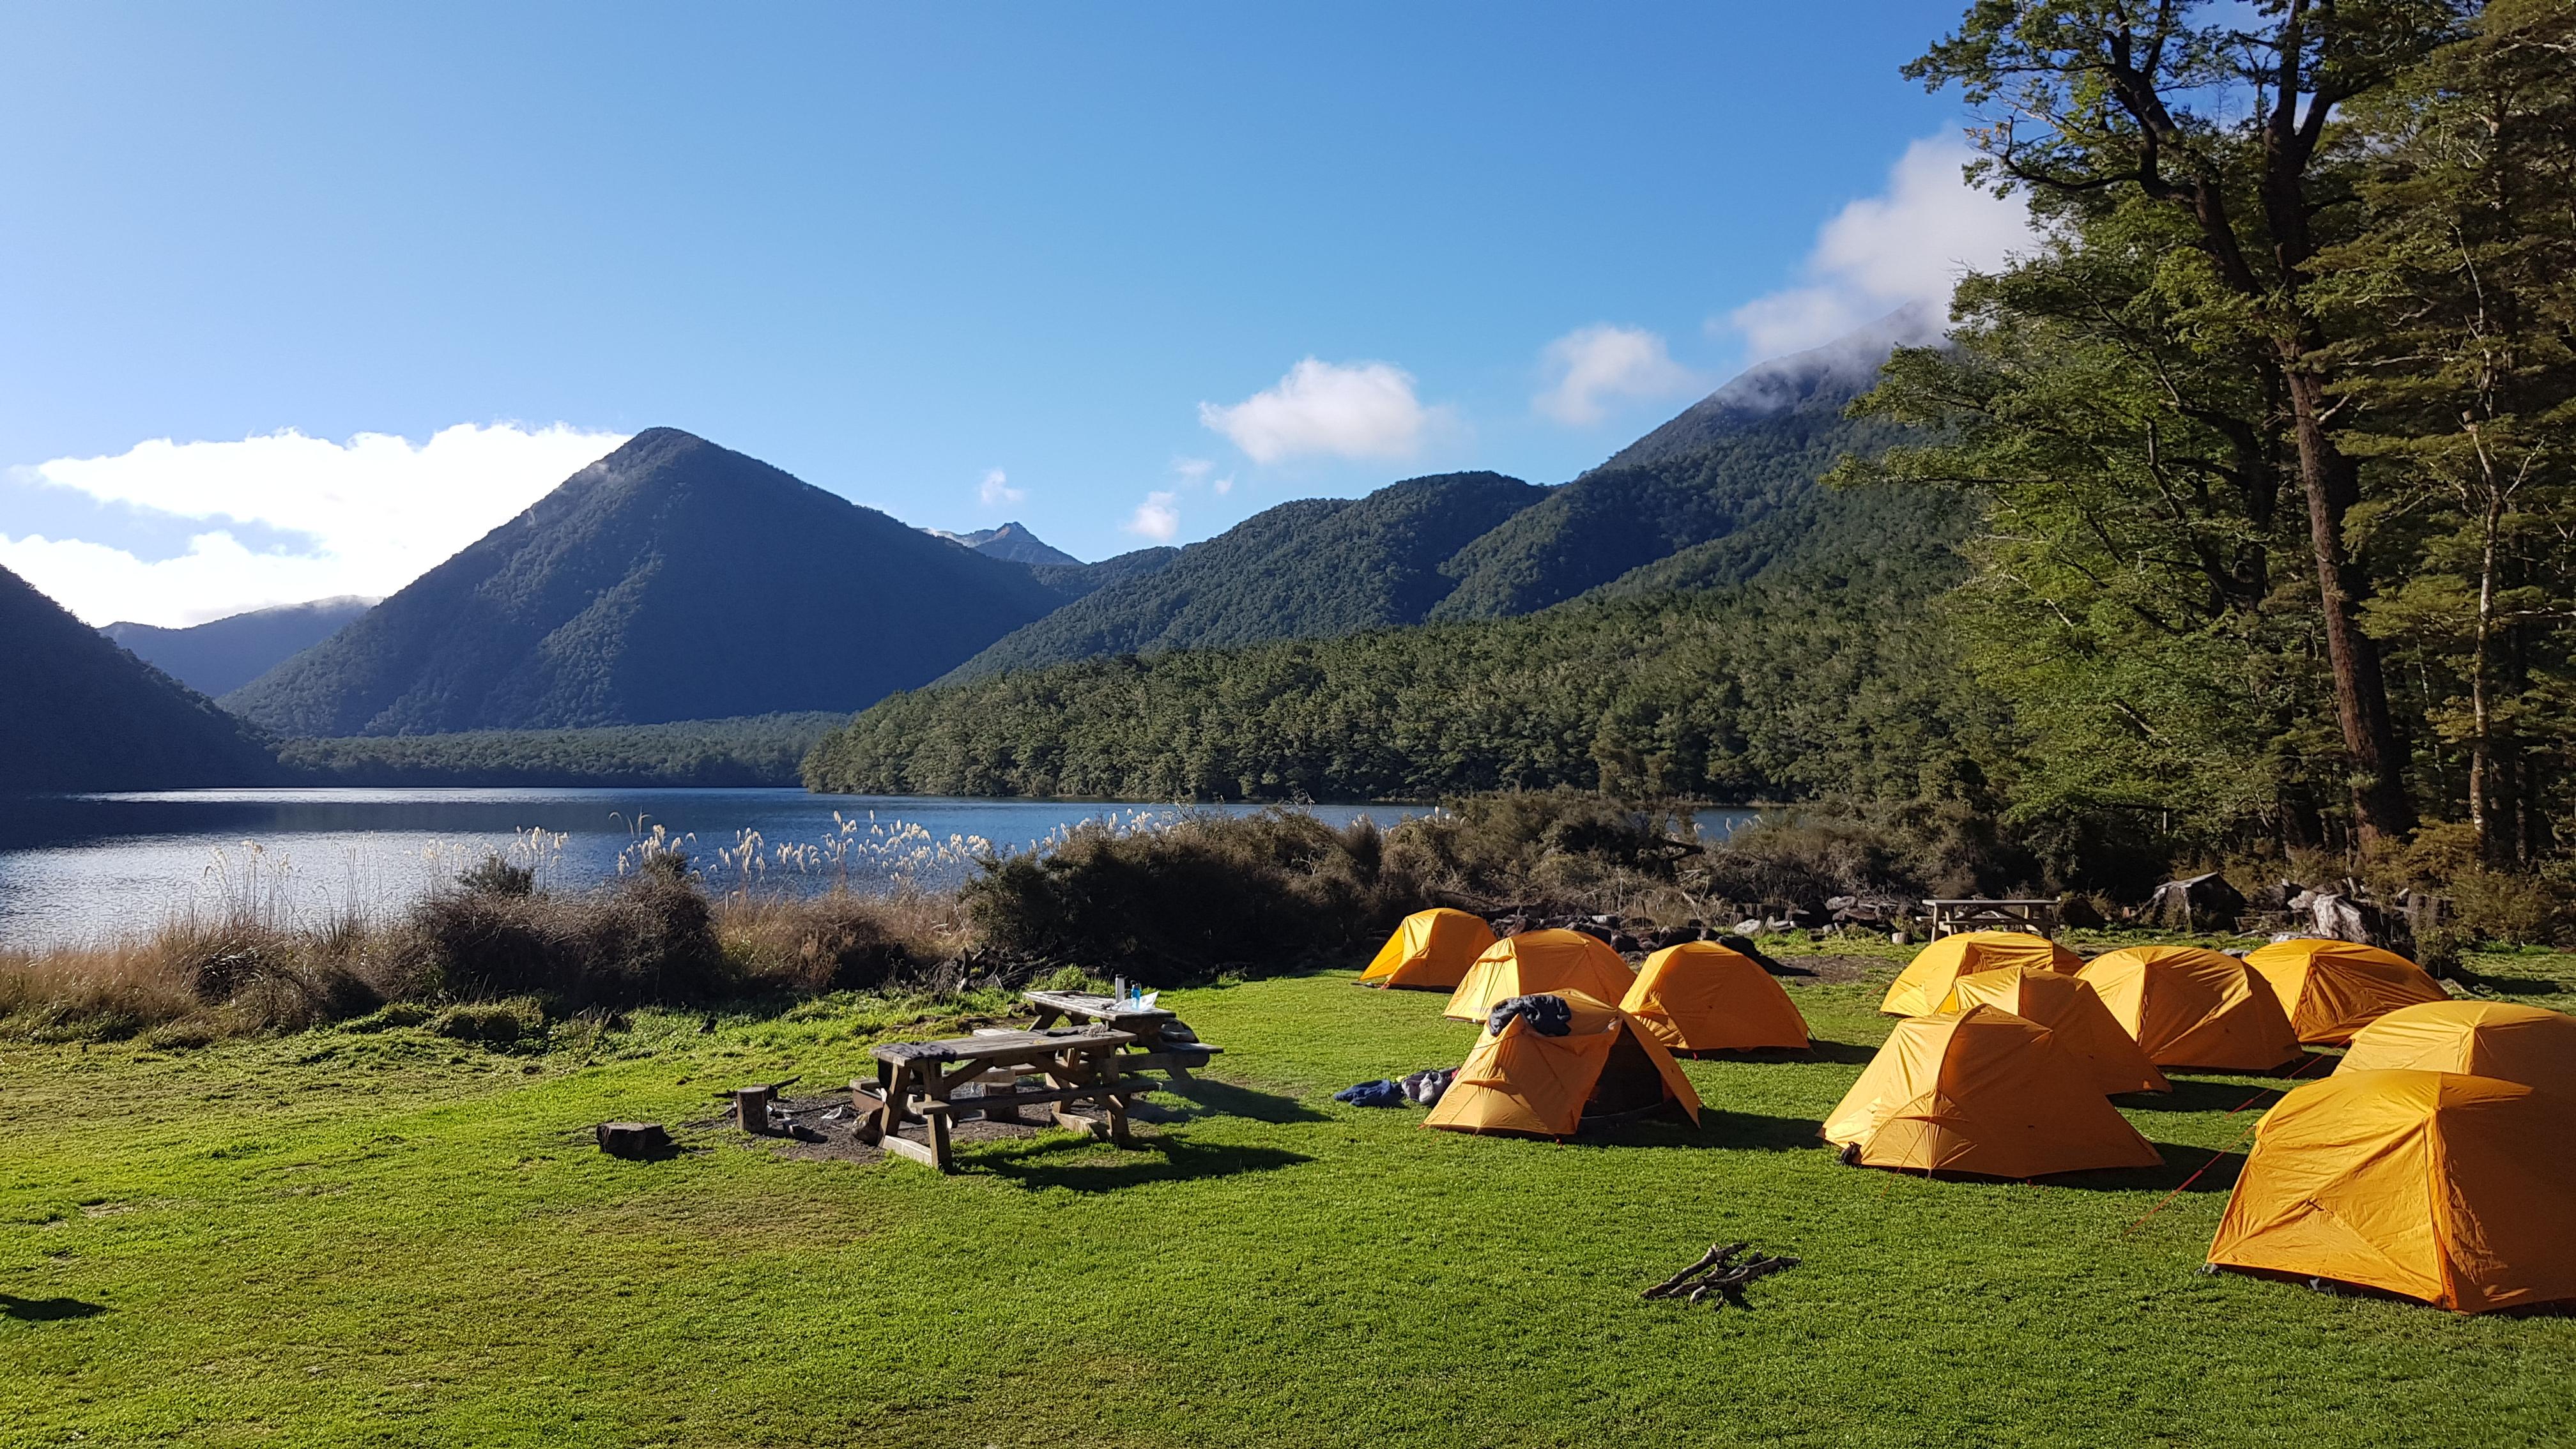 Camping at Lake Daniell